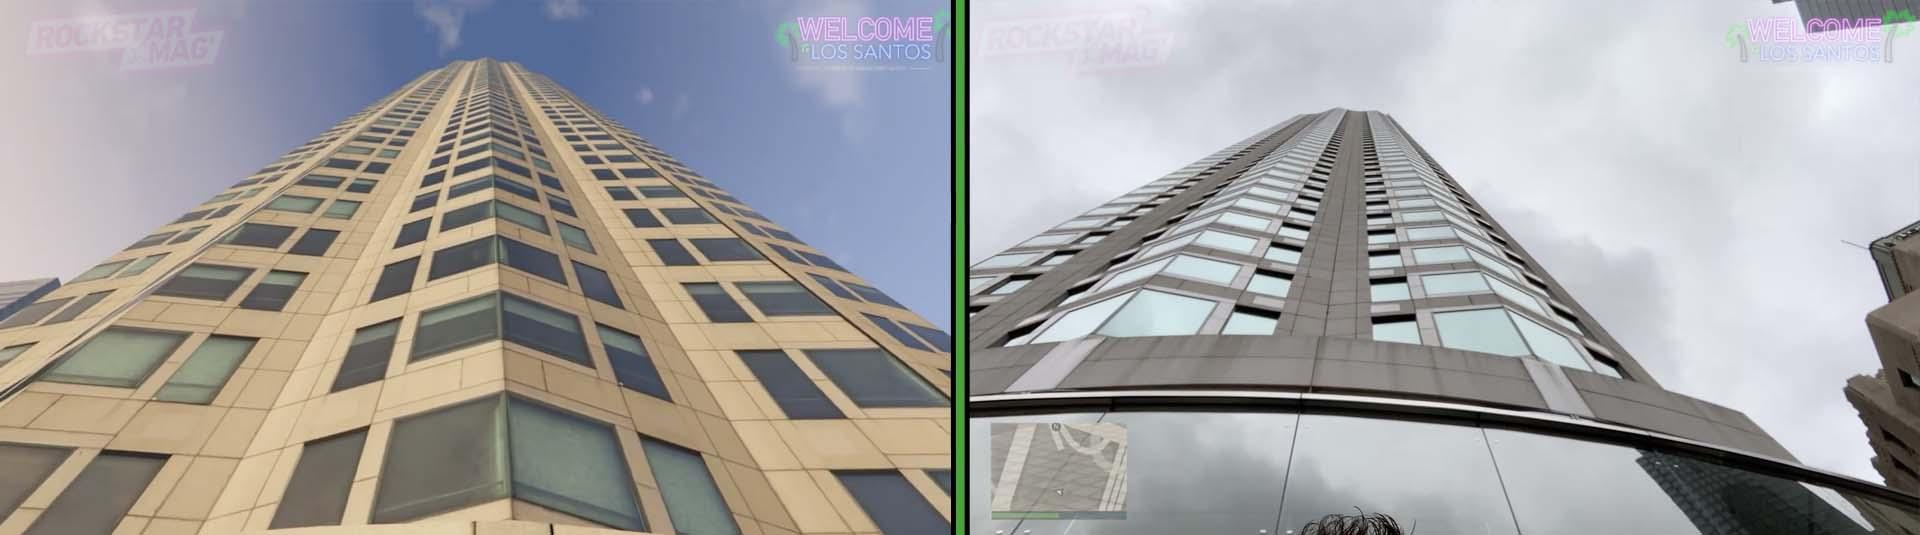 Downtown 04 : Maze Bank